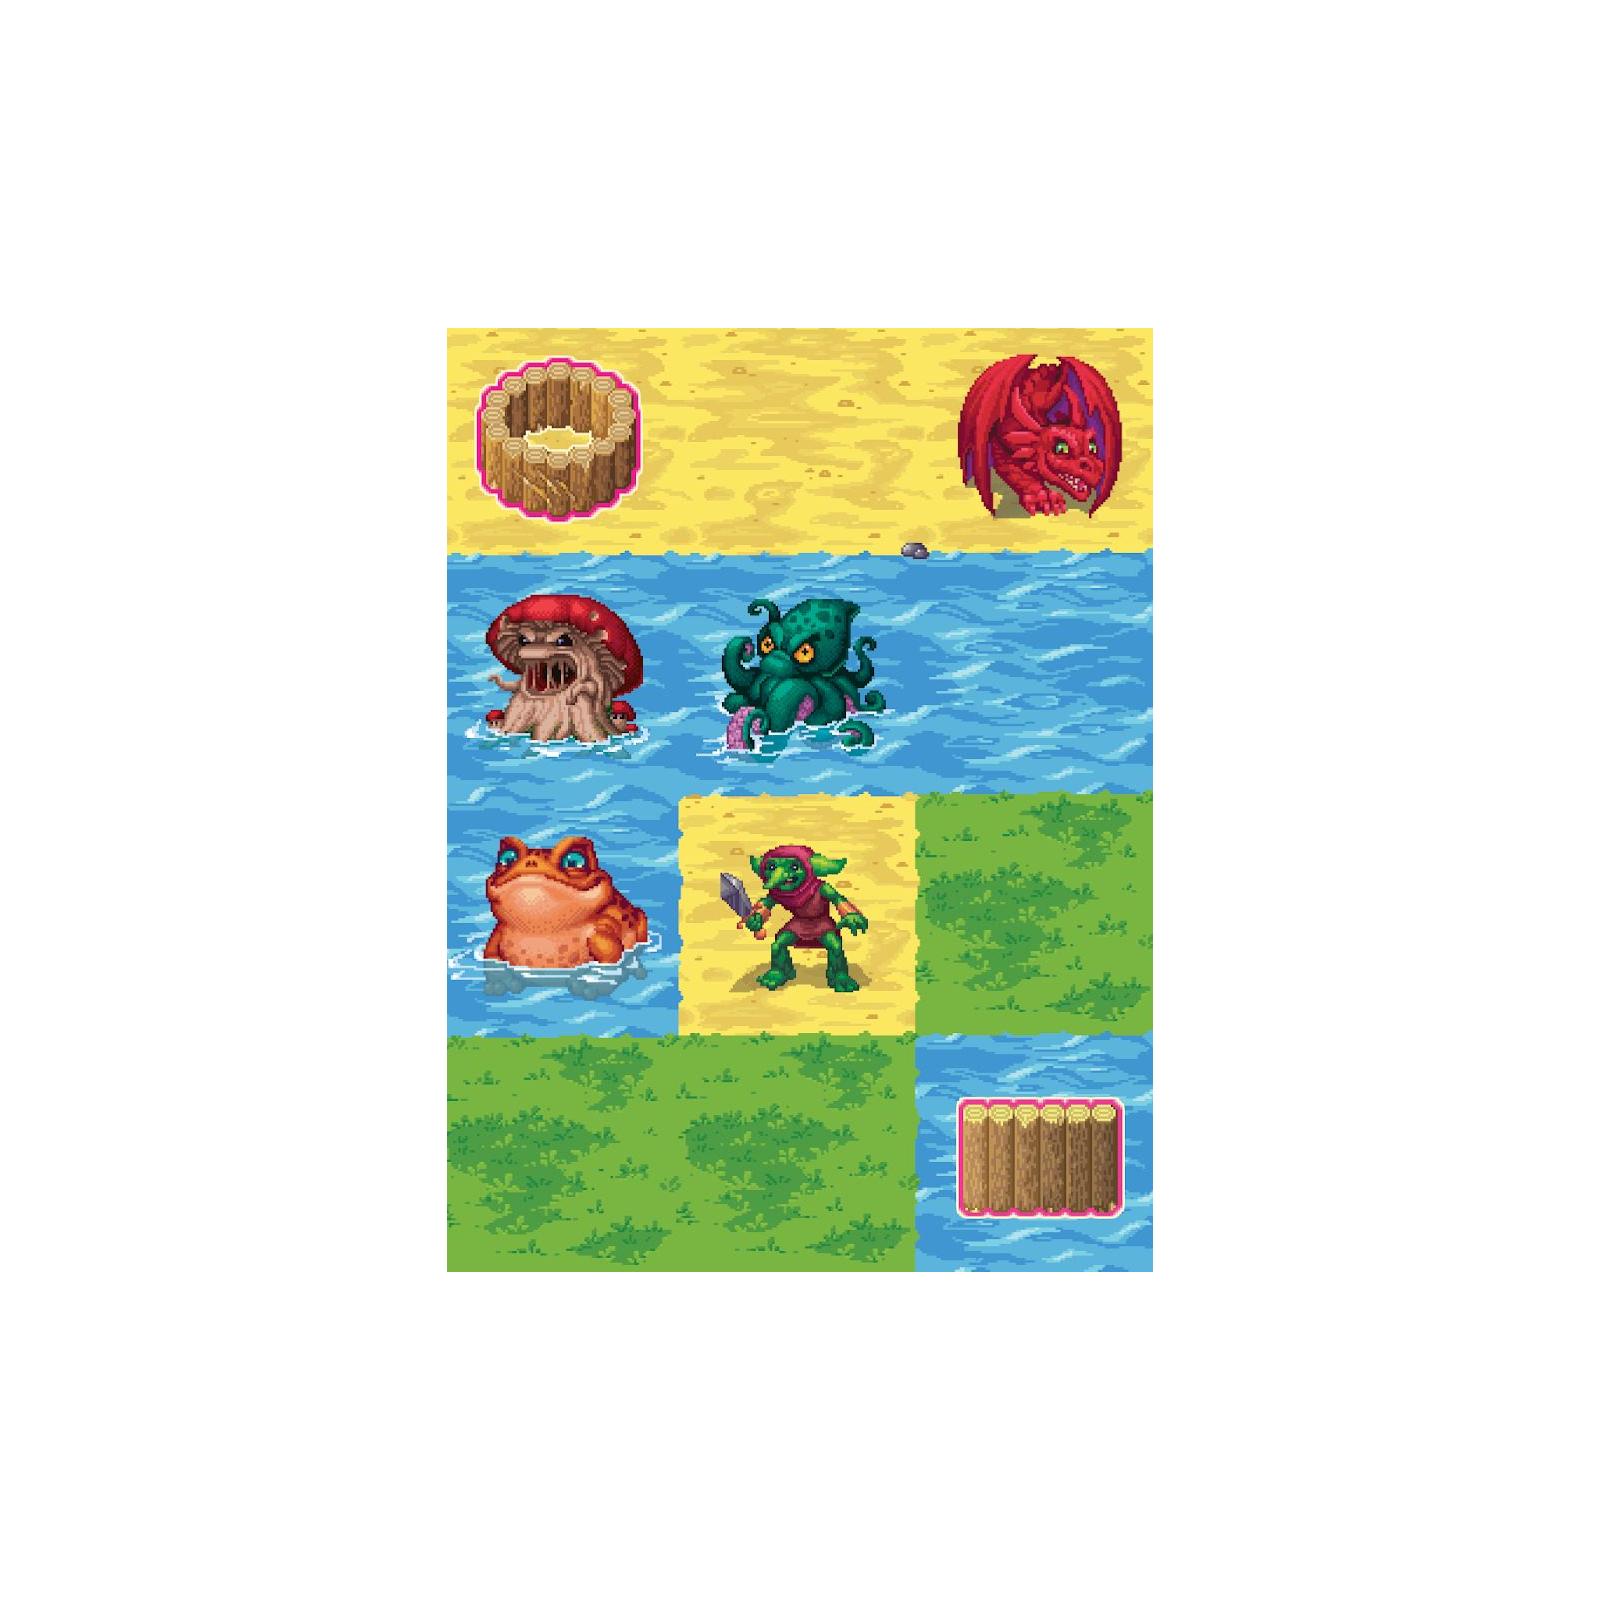 Настольная игра Hobby World Cutterland. Грибниця 10+( дополнение) (915196) изображение 3